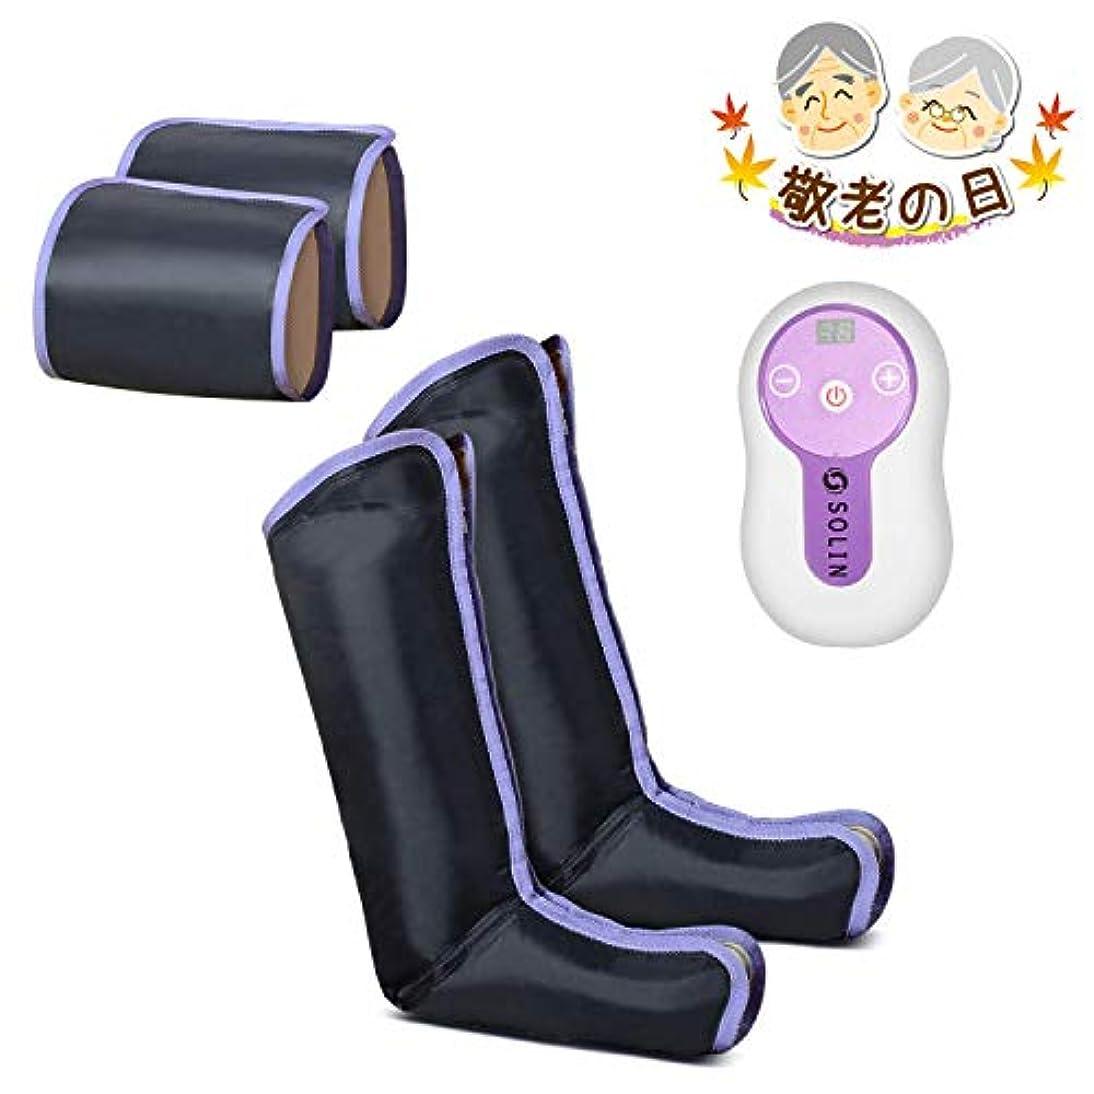 バーチャル加速するノイズフットマッサージャー 母の日 エアーマッサージャー ひざ/太もも巻き対応 家庭用 空気圧縮 フットケア